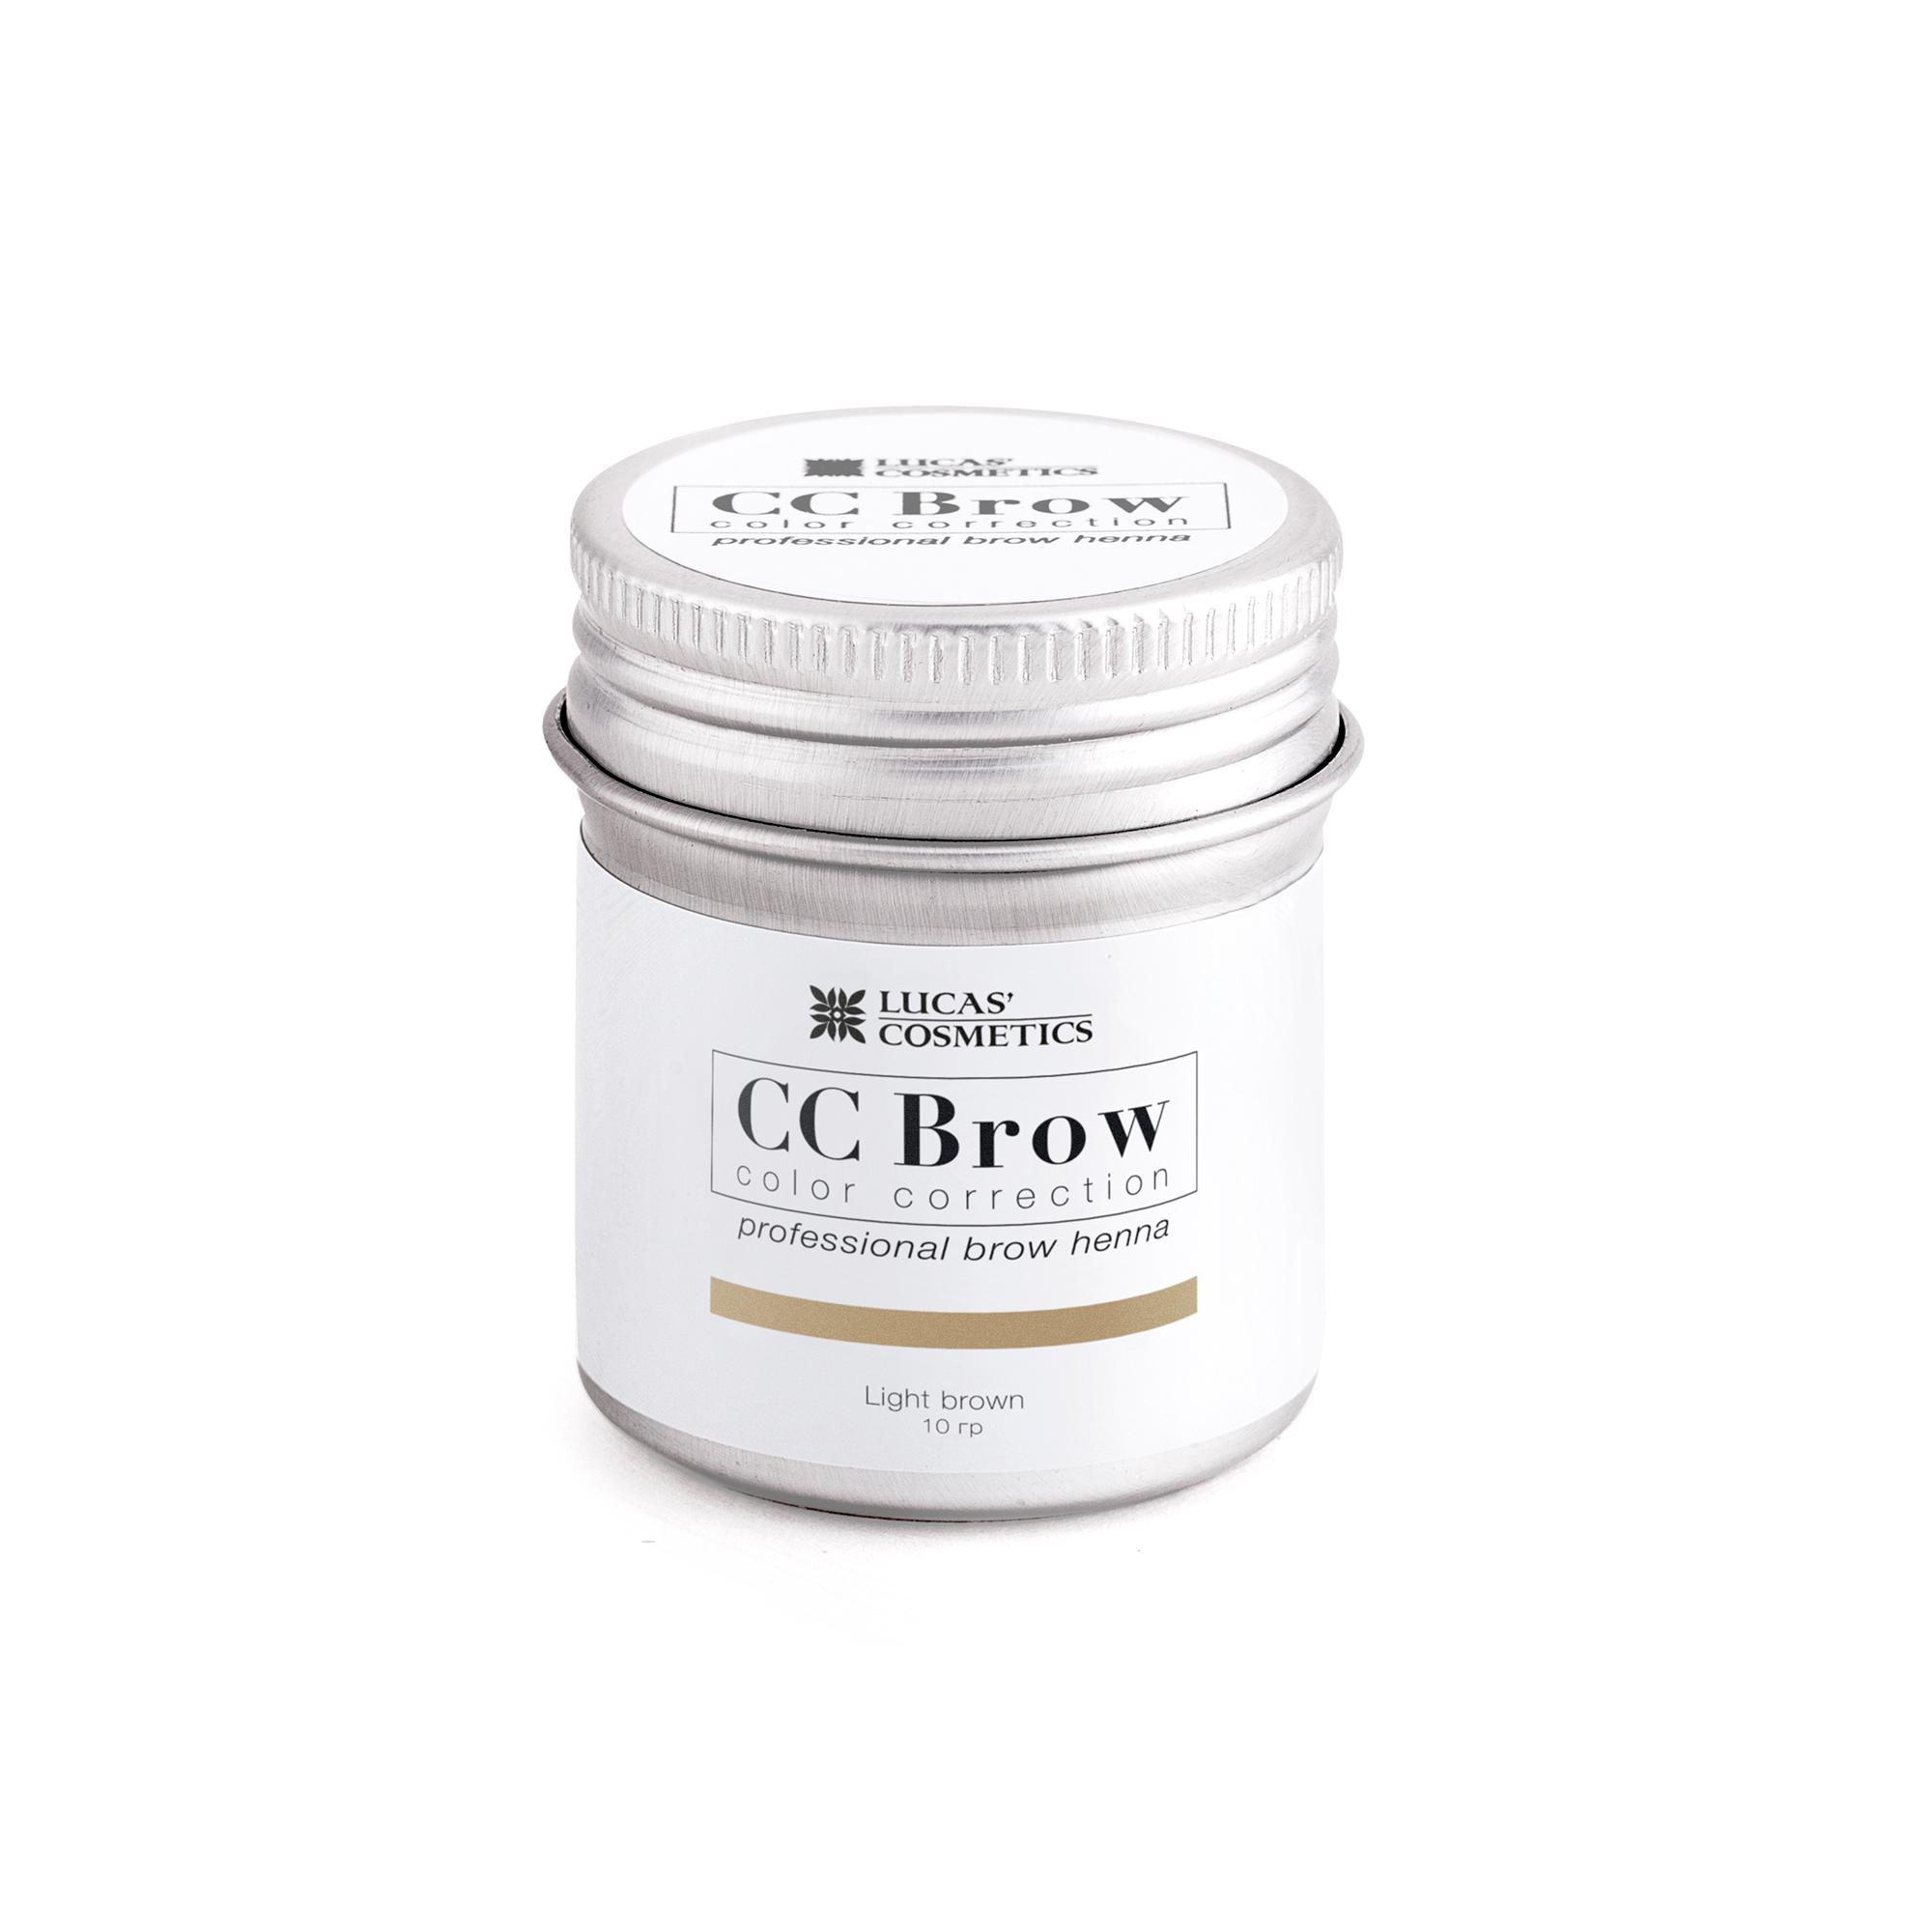 LUCAS' COSMETICS Хна для бровей в баночке (светло-коричневый) / CC Brow (light brown), 10 гр -  Краски для бровей